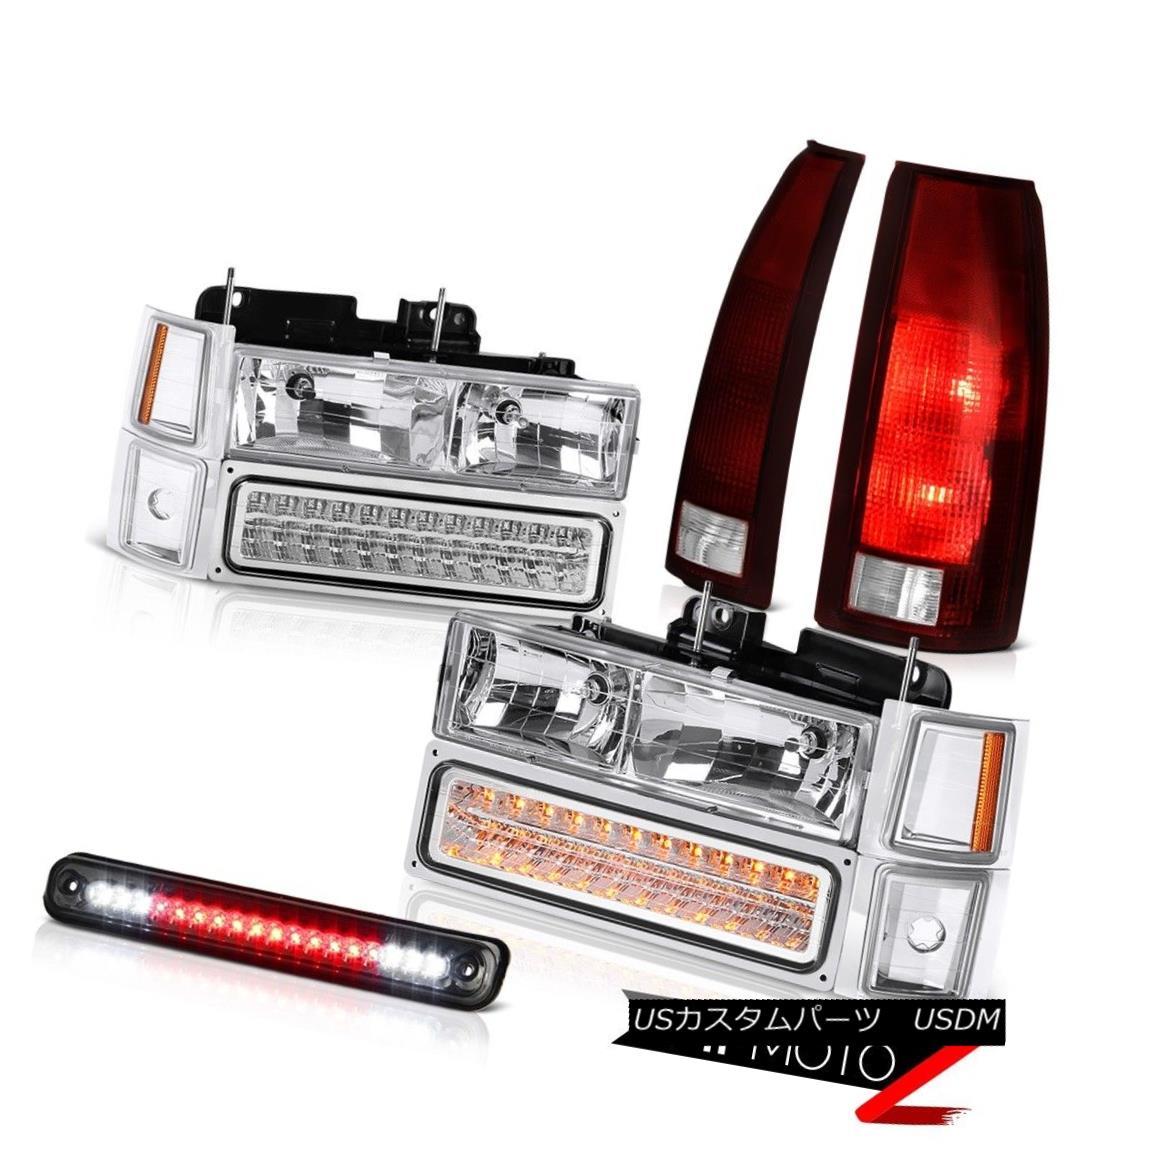 テールライト 1994-1998 Silverado 3500 Roof Brake Light Rear Lamps Headlamps Signal Parking 1994-1998シルバラード3500ルーフブレーキライトリアランプヘッドランプ信号駐車